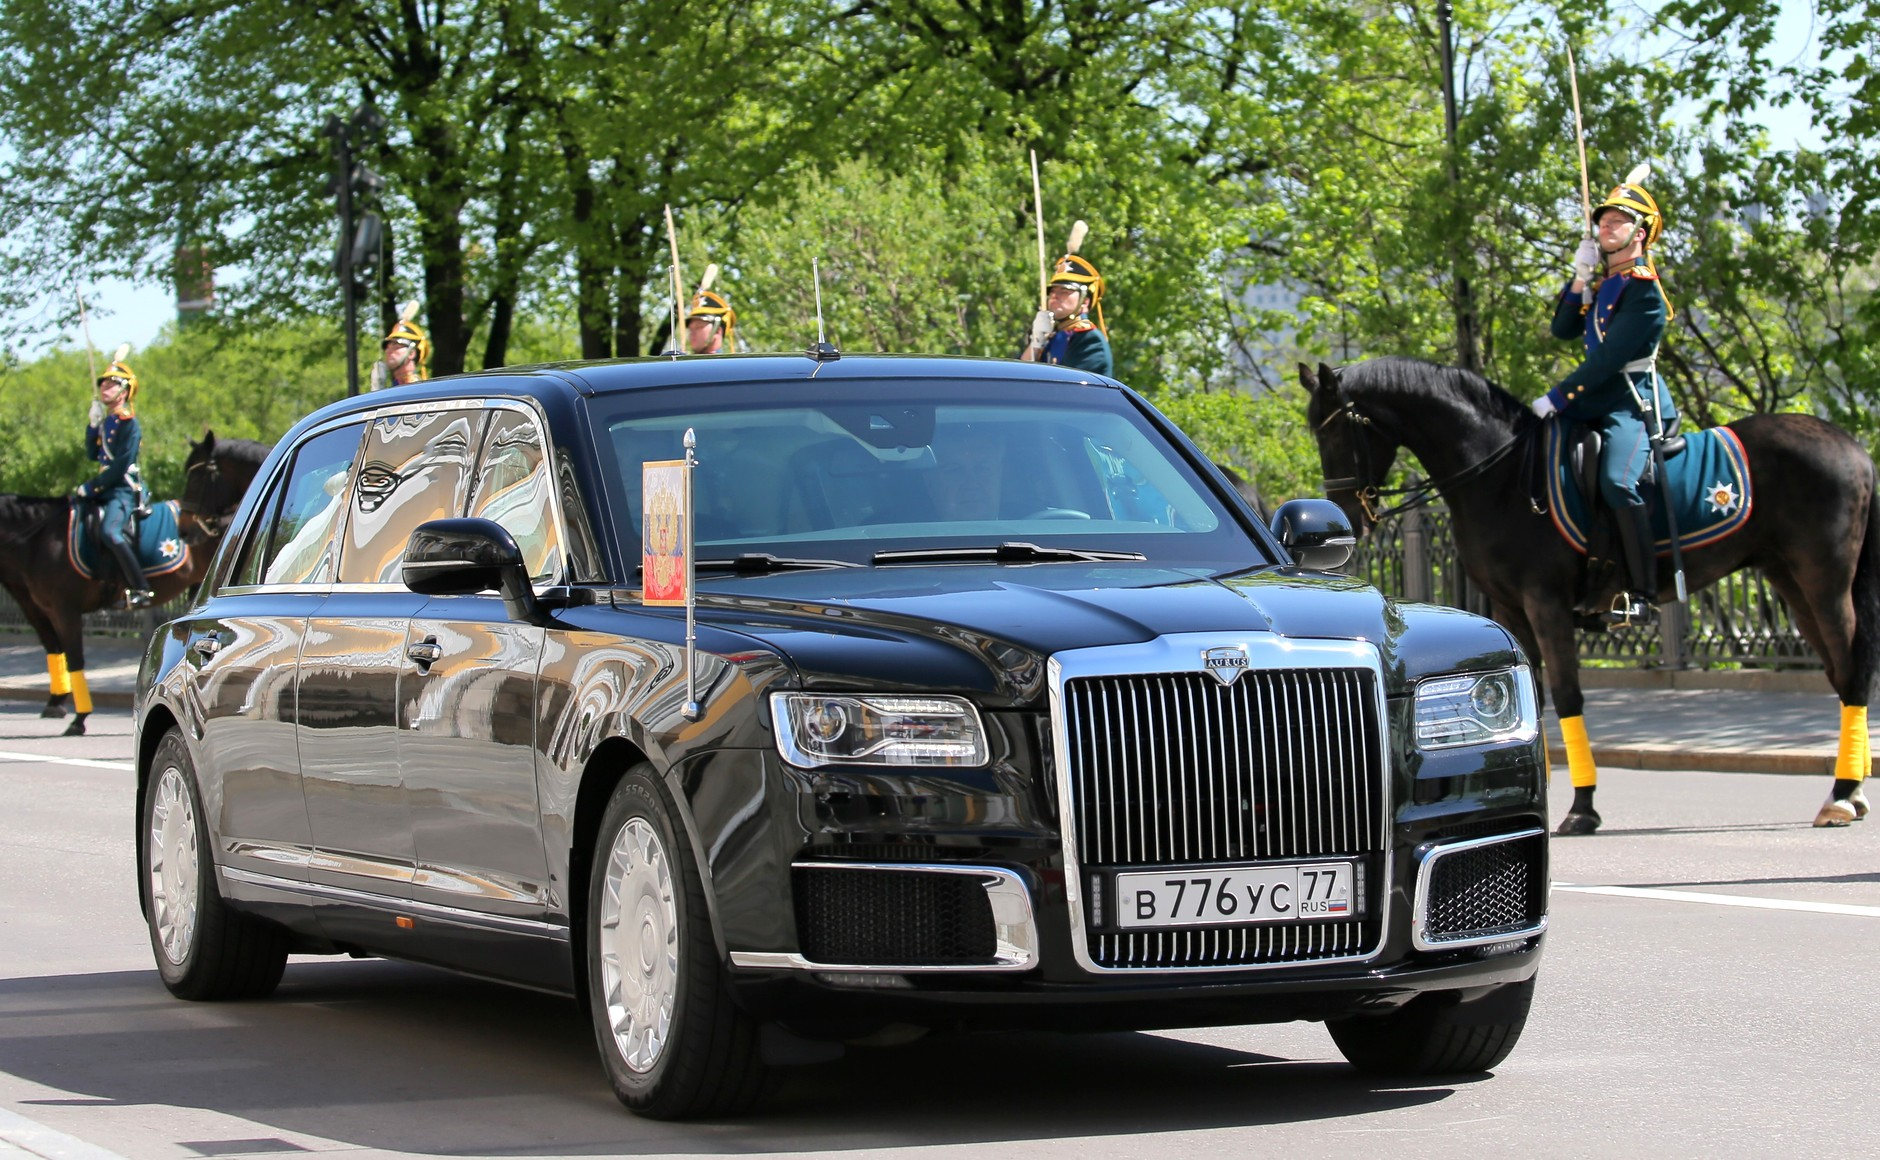 На чем ездит власть авто,автомобили,автомобиль,машины,НОВОСТИ,Россия